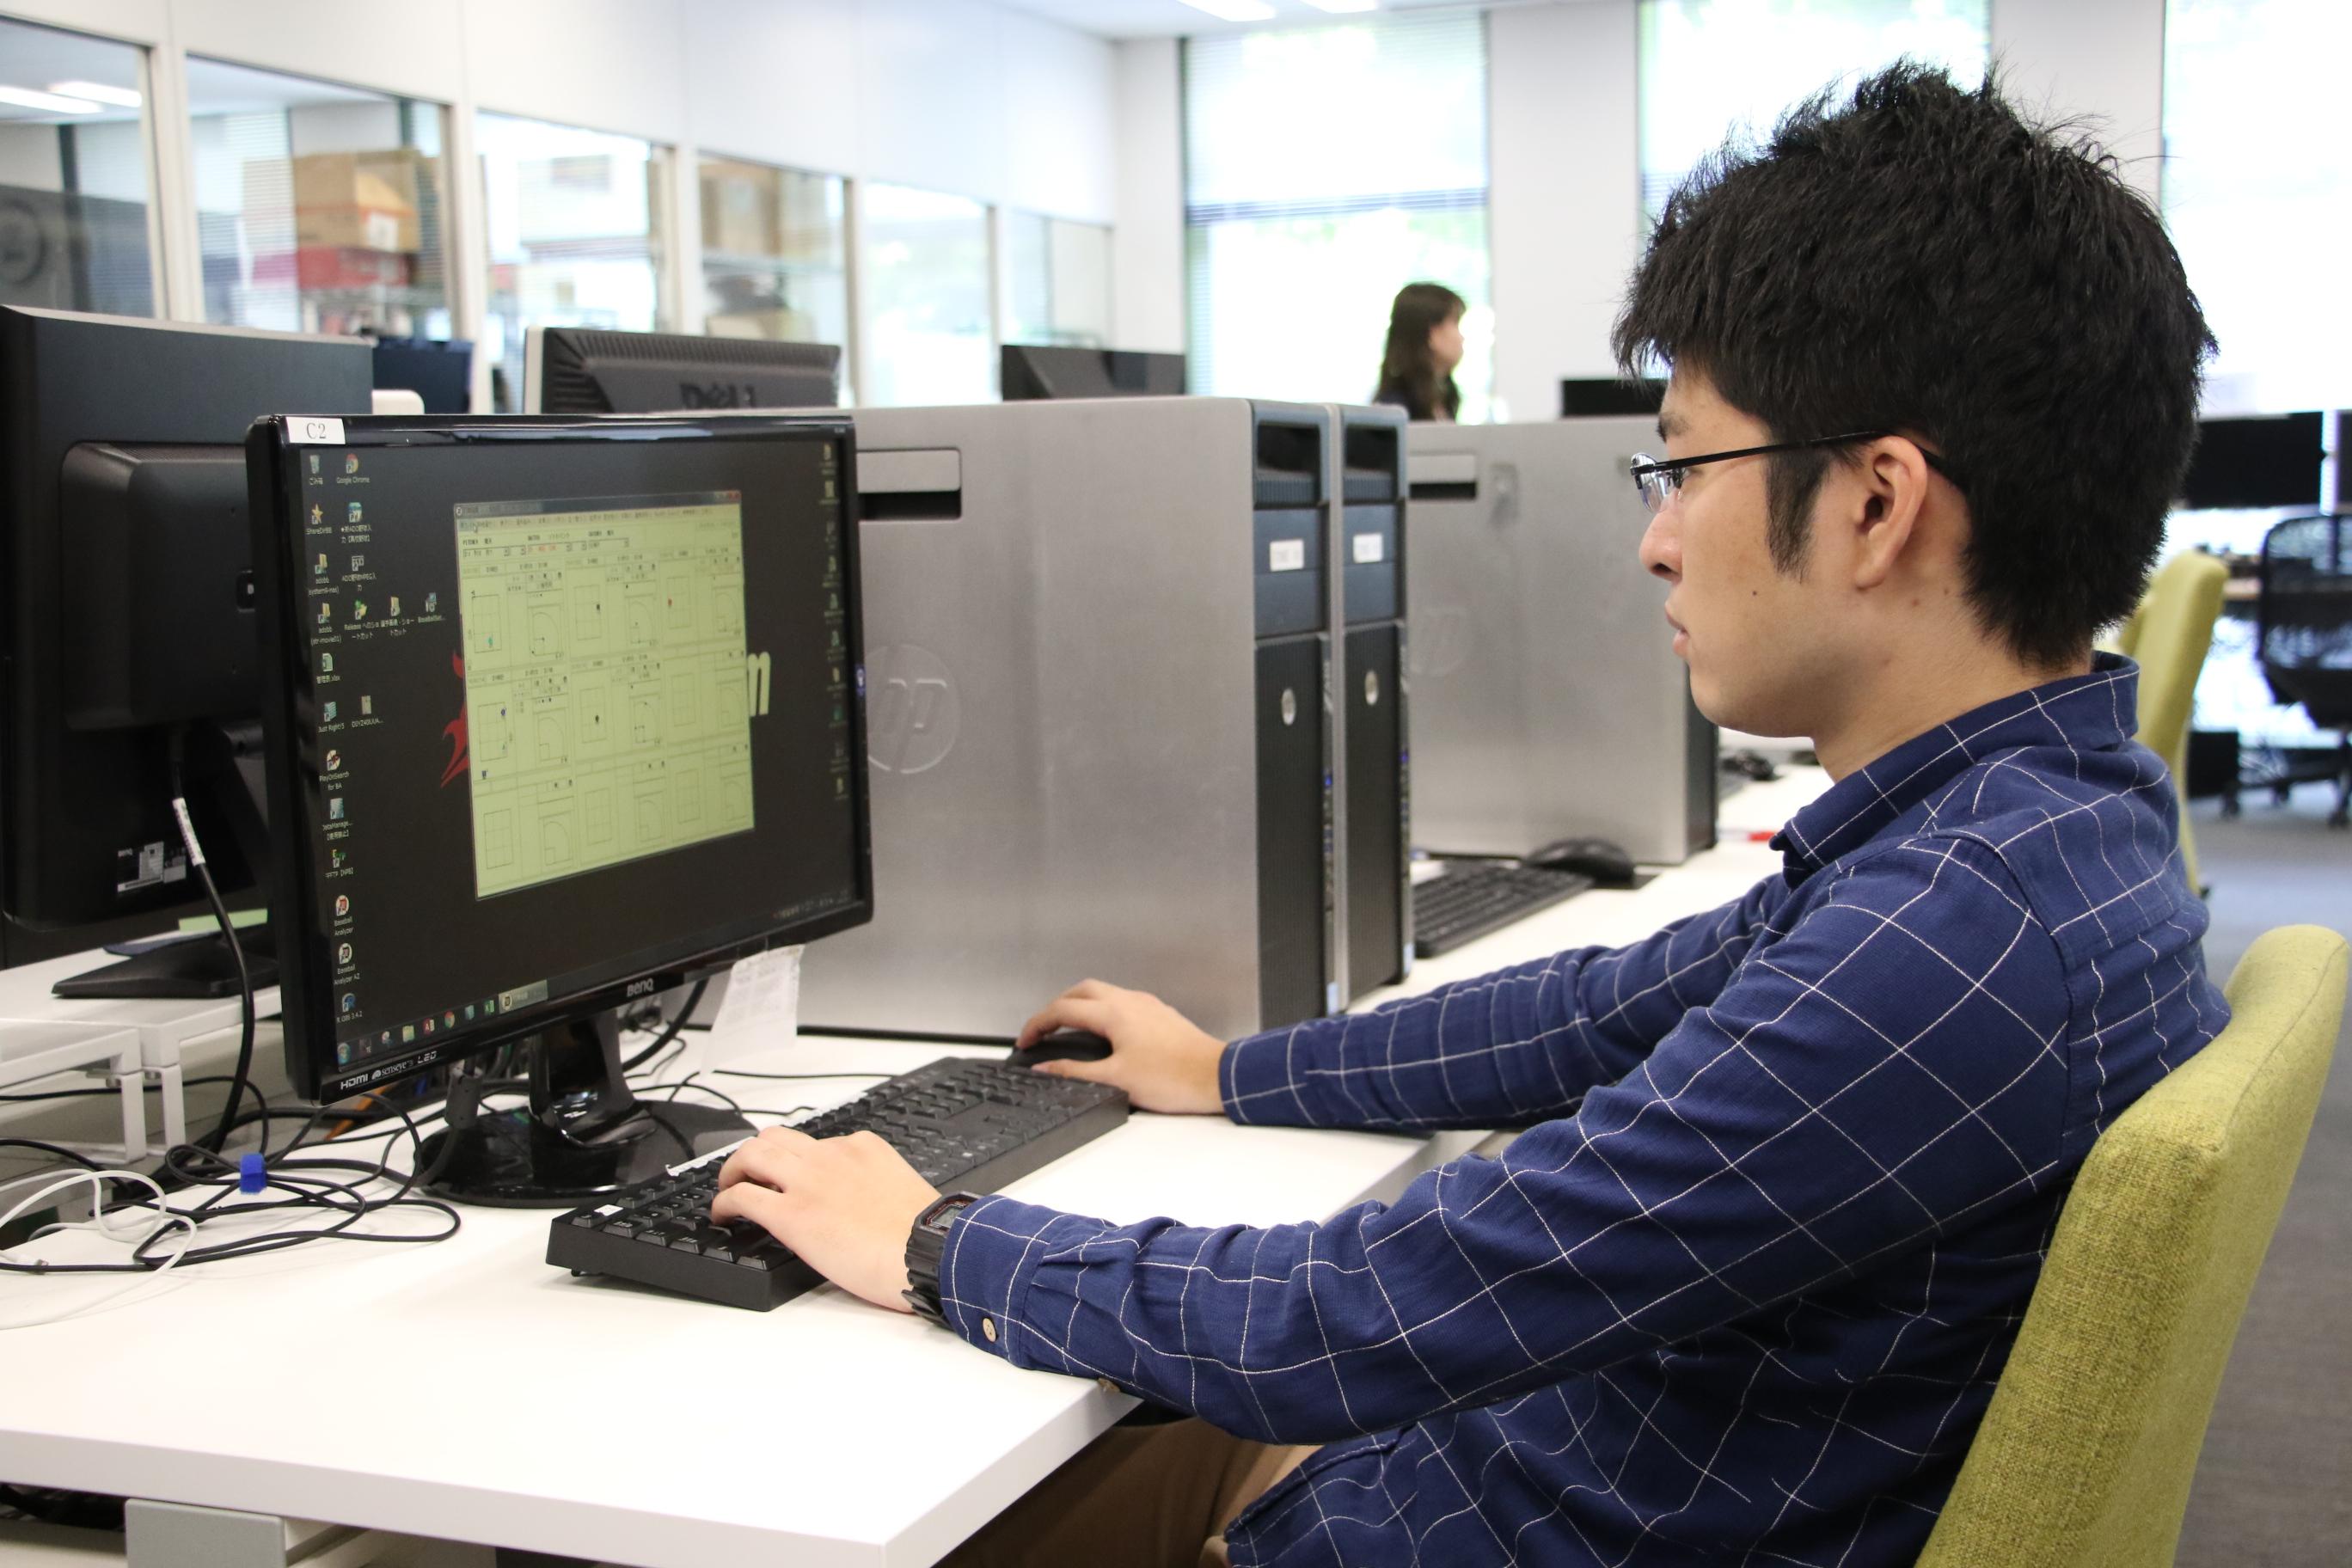 佐藤優太(さとう・ゆうた)さん野球のデータを分析している画像